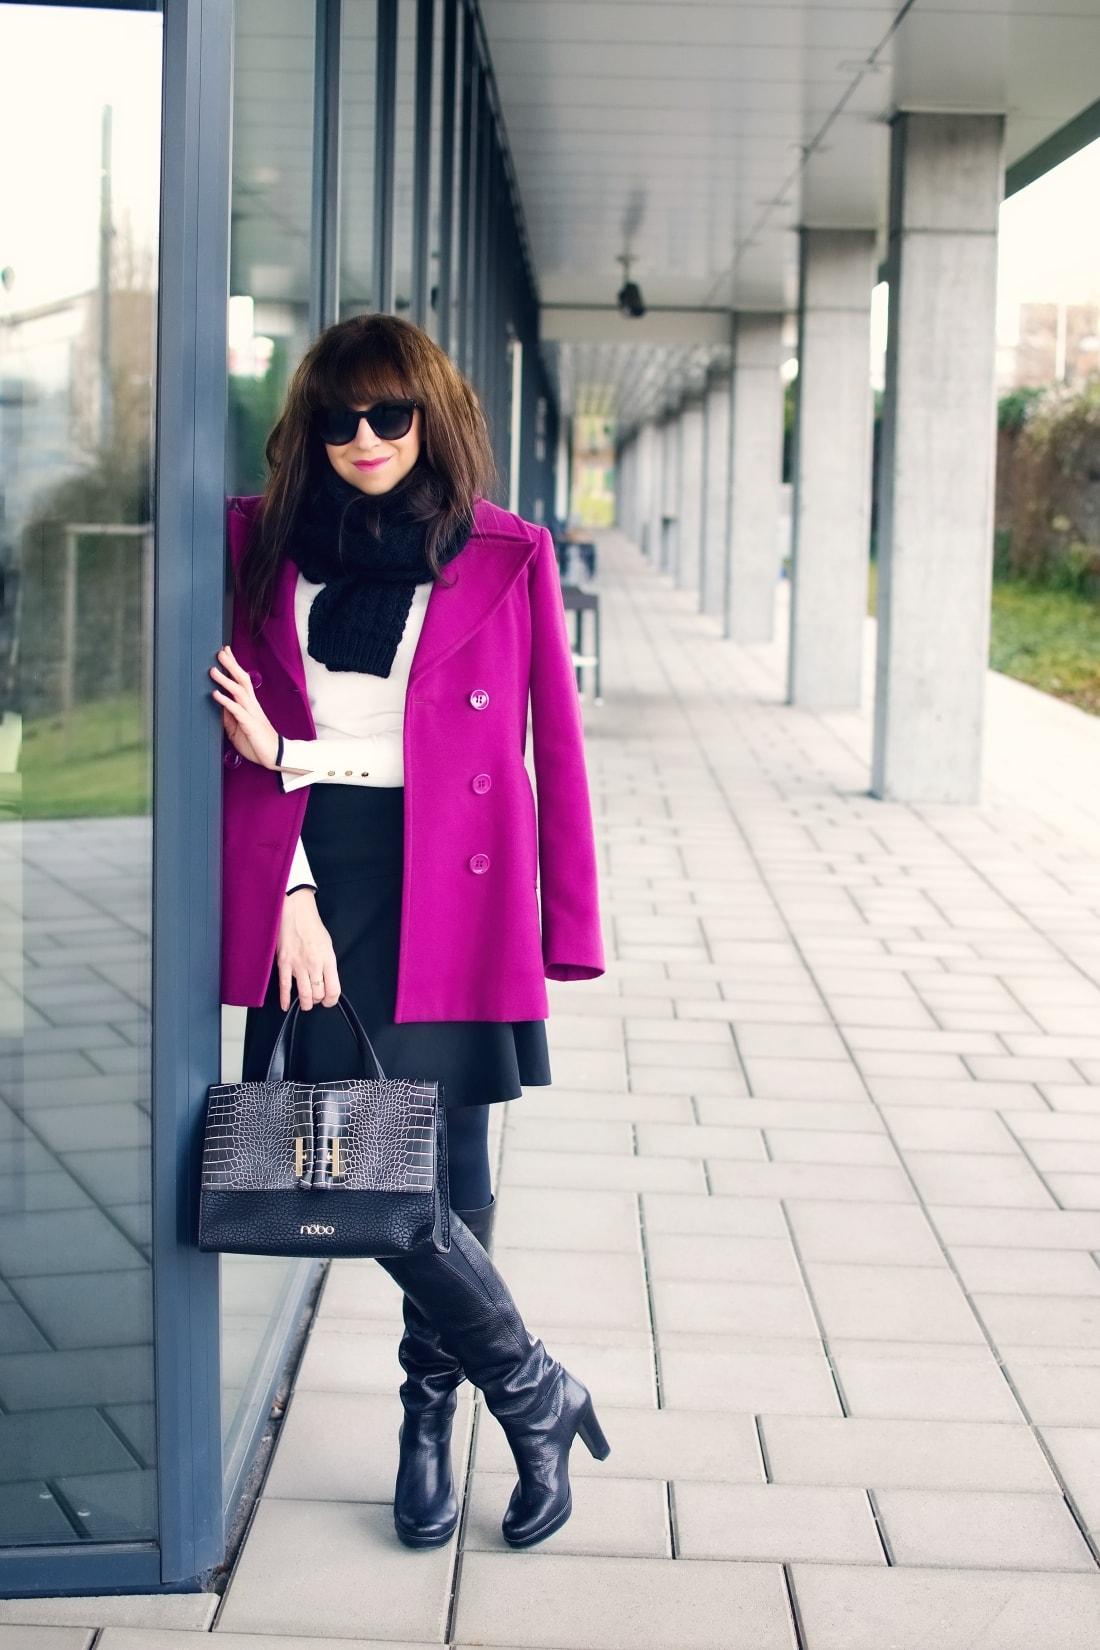 MISTEROPTIC INTERVIEW_Katharine-fashion is beautiful_blog 4_Slnečné okuliare Dolce&Gabbana_Fialový kabát_Black and white_Katarína Jakubčová_Fashion blogger